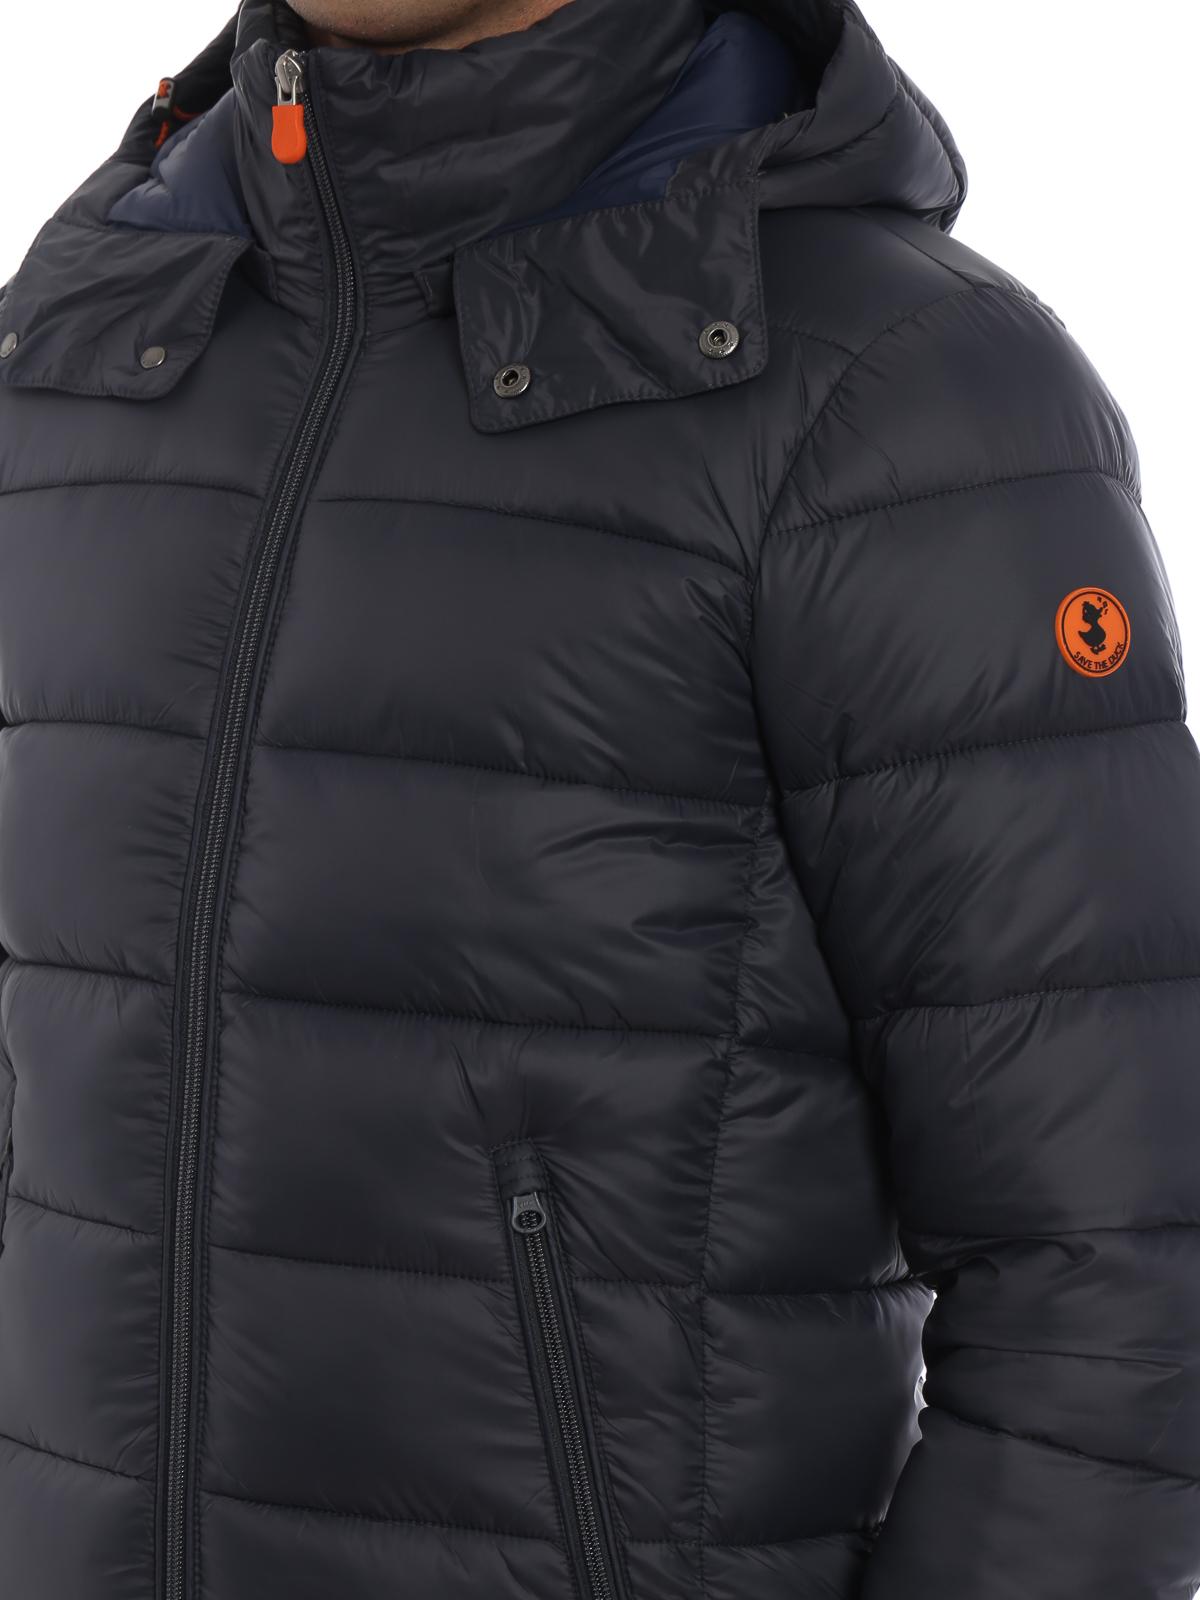 the best attitude b4380 1aa4b Save the Duck - Piumino pesante grigio scuro - giacche ...